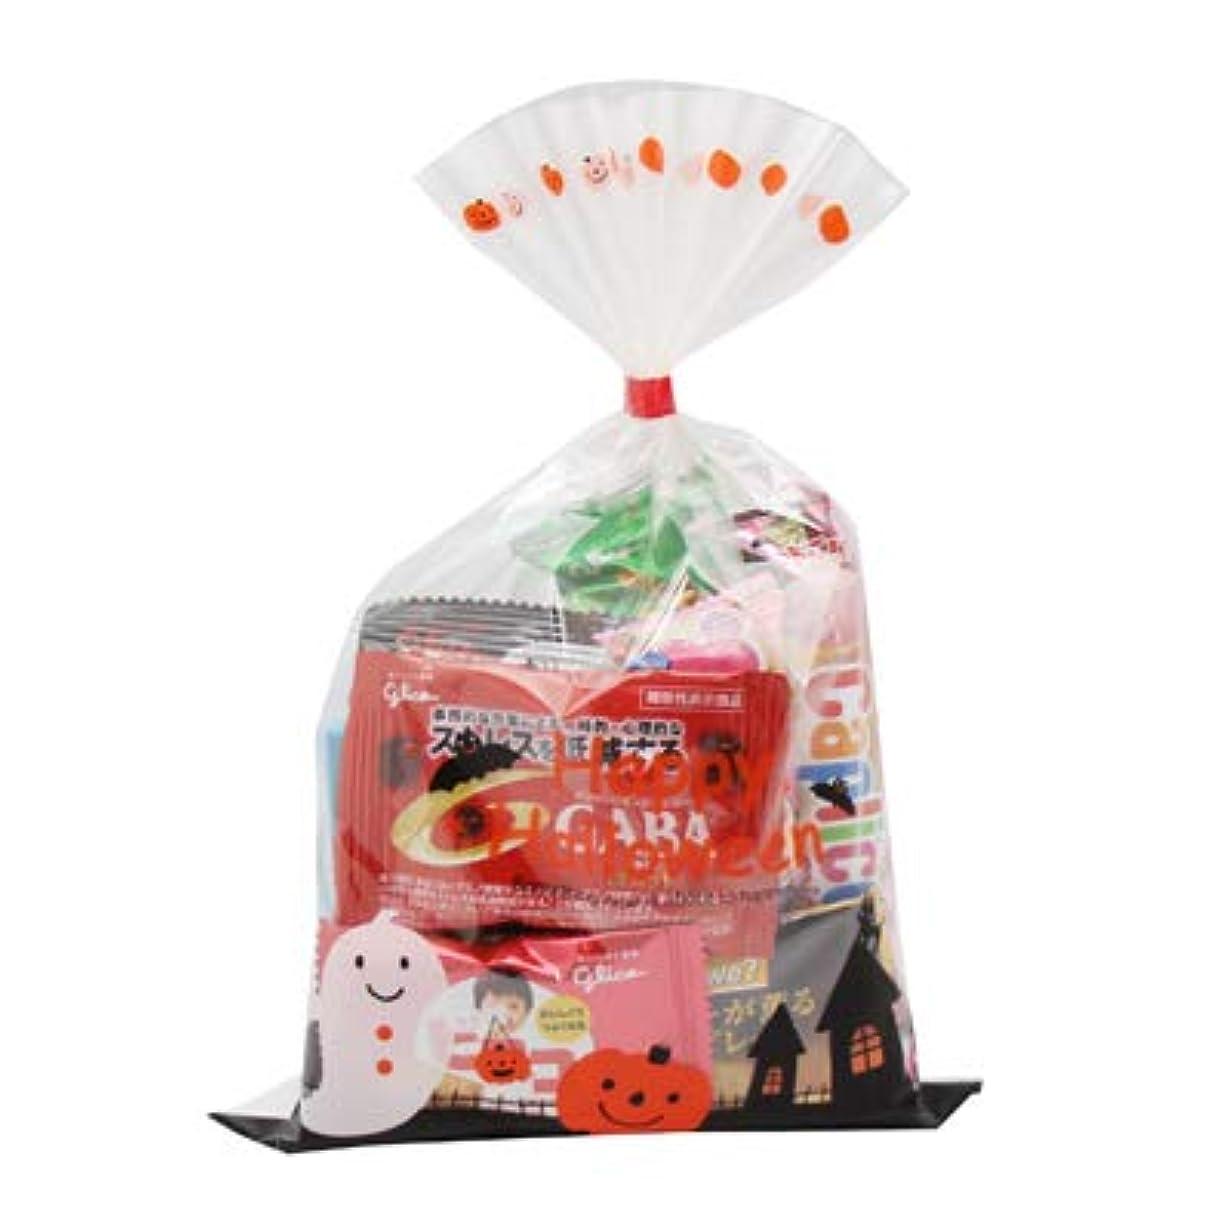 バッテリー休眠看板ハロウィン袋 540円 グリコのお菓子 9種詰め合わせ (Aセット) 駄菓子 袋詰め おかしのマーチ